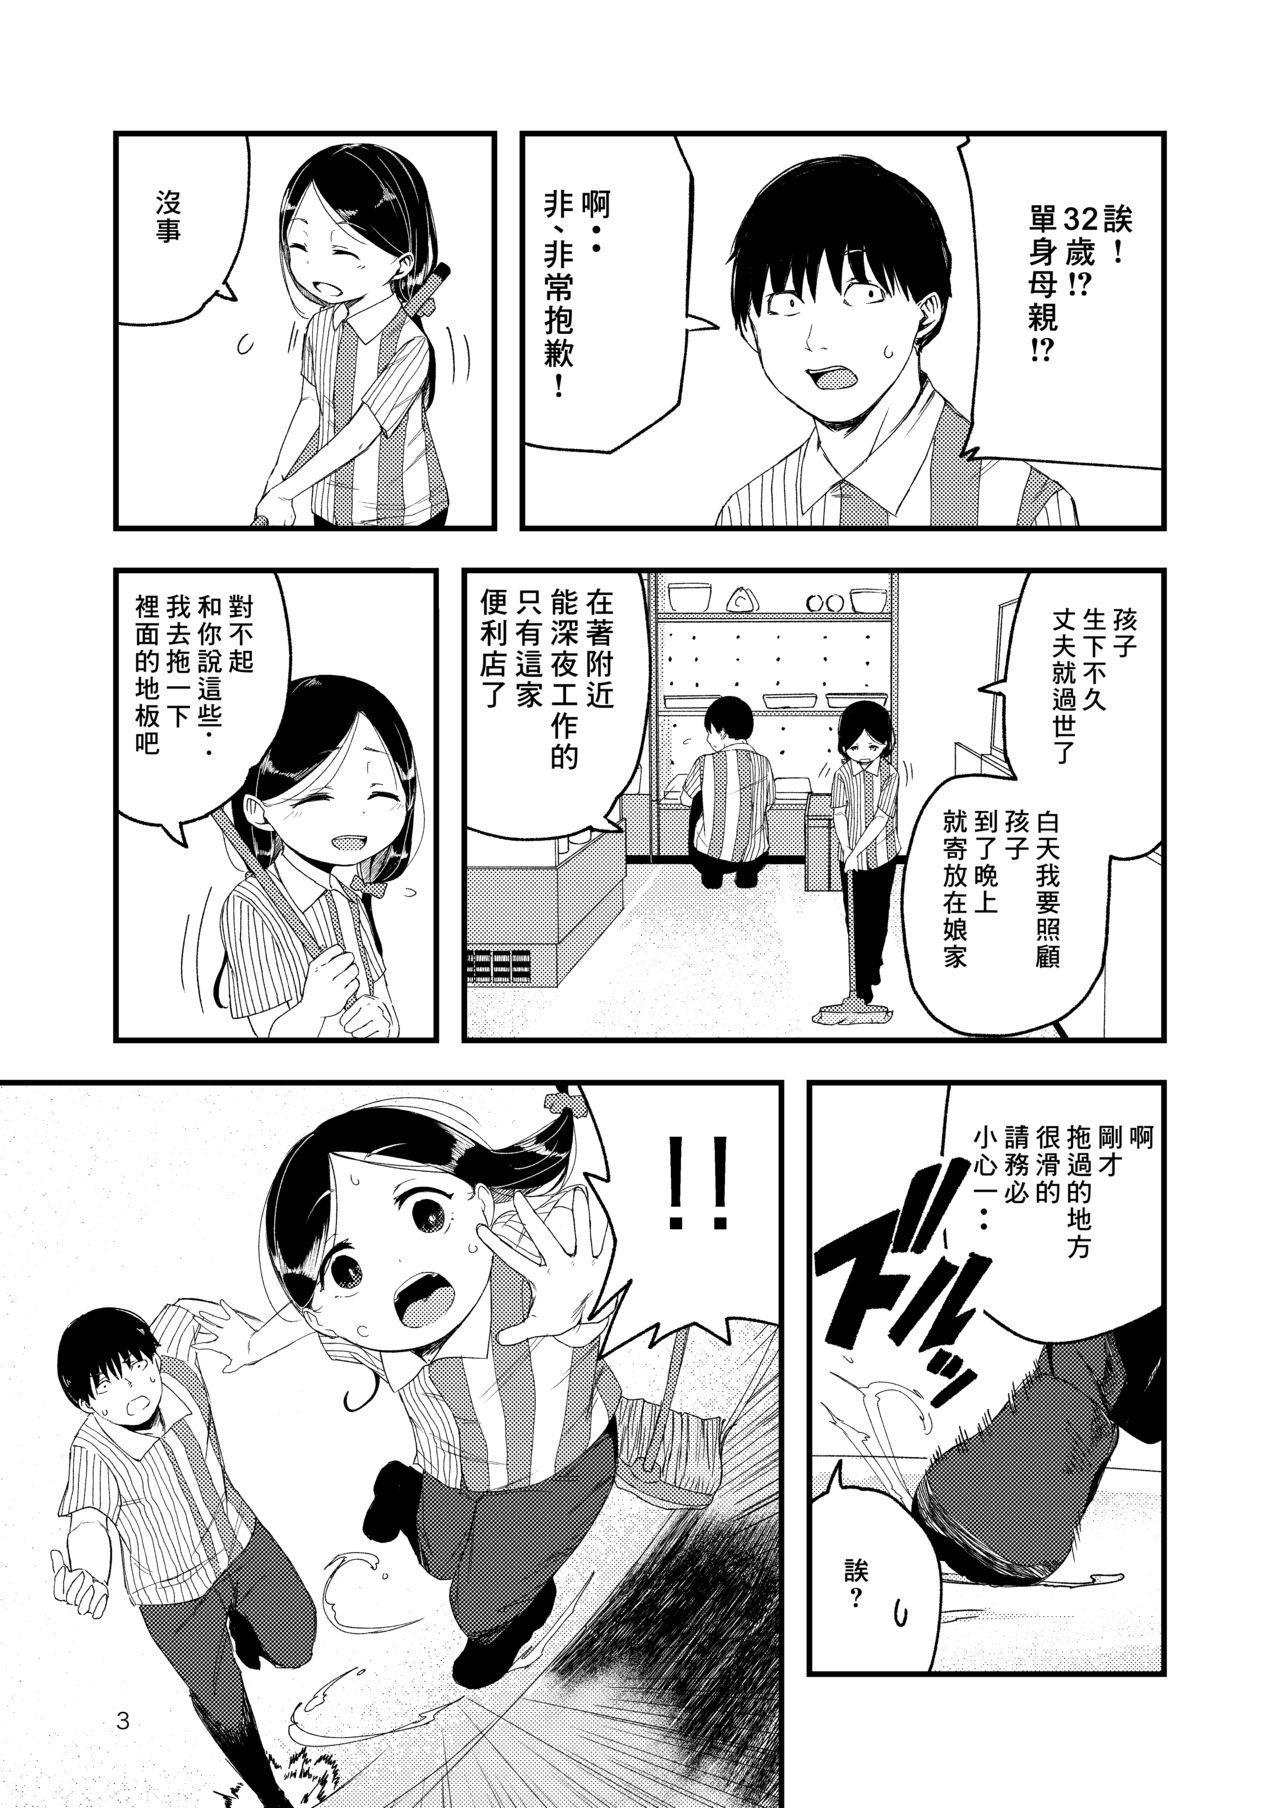 Gouhou Loli Mama wa Ikaga desu ka? 4